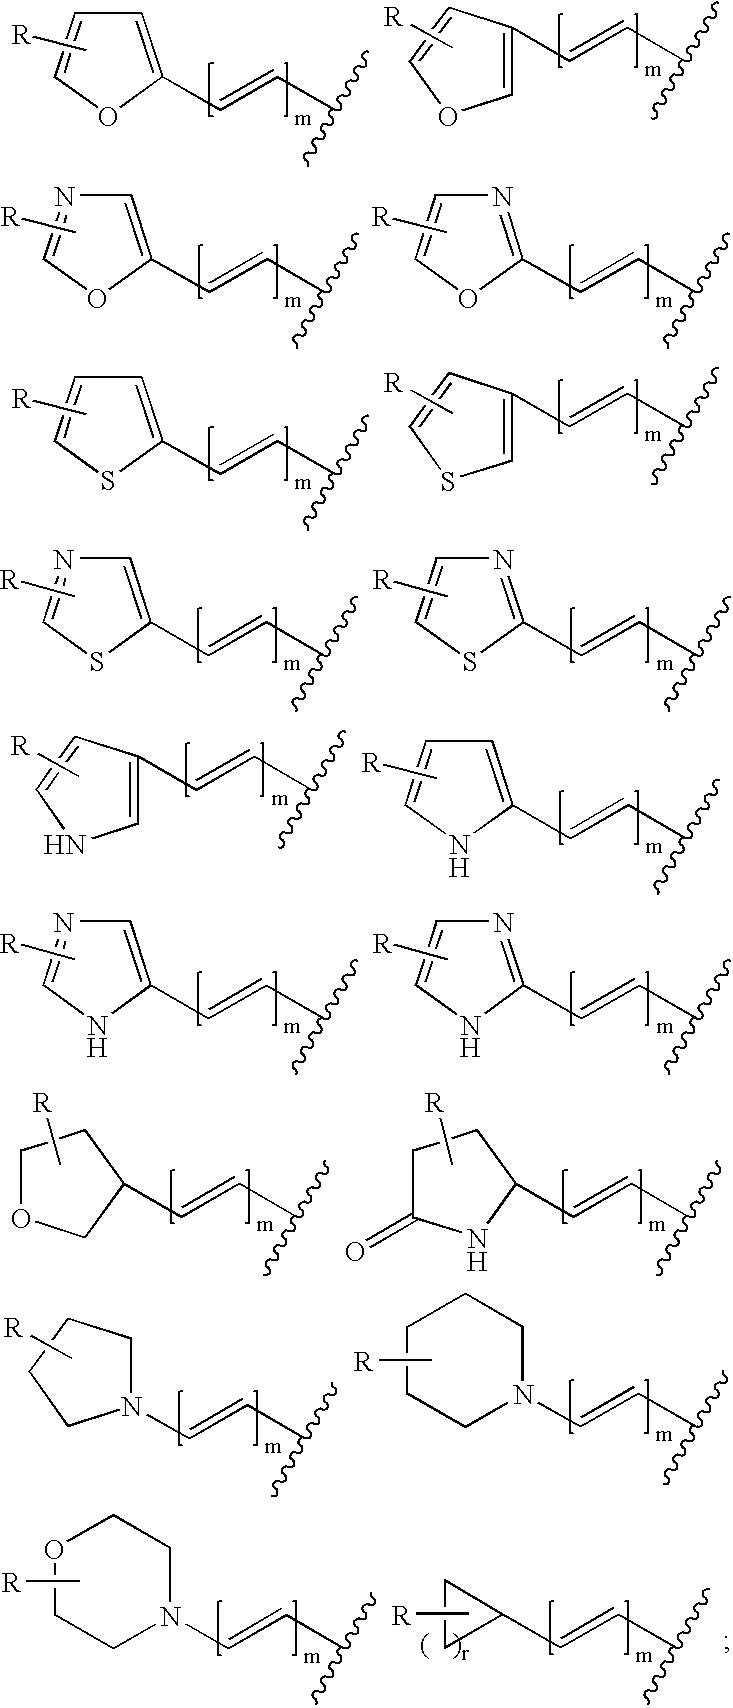 Figure US07192976-20070320-C00021